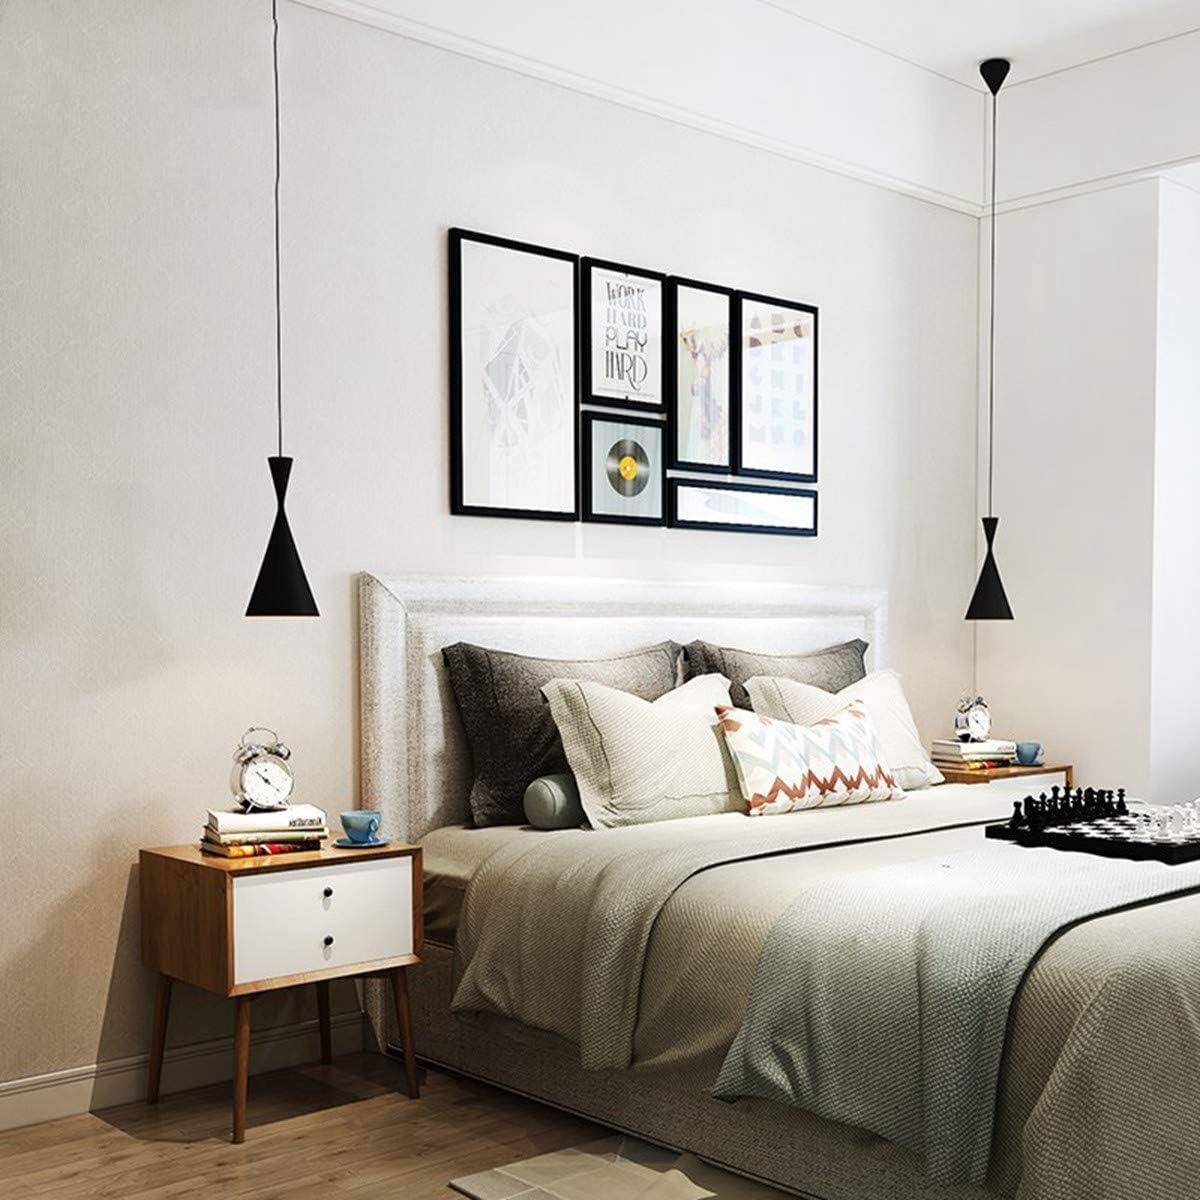 Lianaic Tapete Einfarbig Leinen Wohnzimmer Schlafzimmer Nahtlose